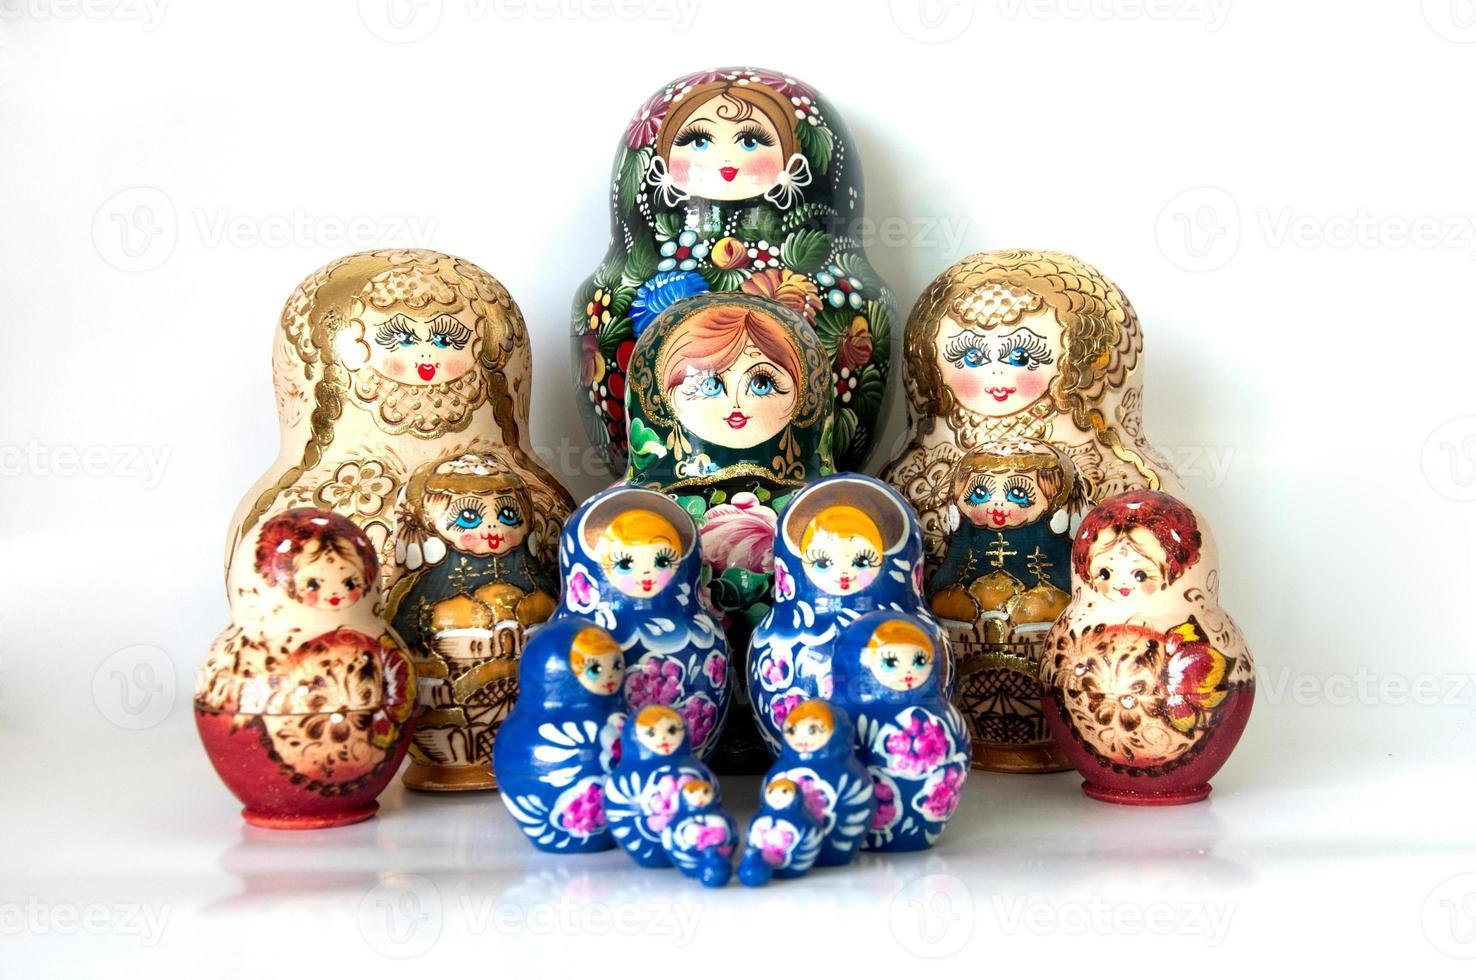 famille de poupées russes imbriquées photo